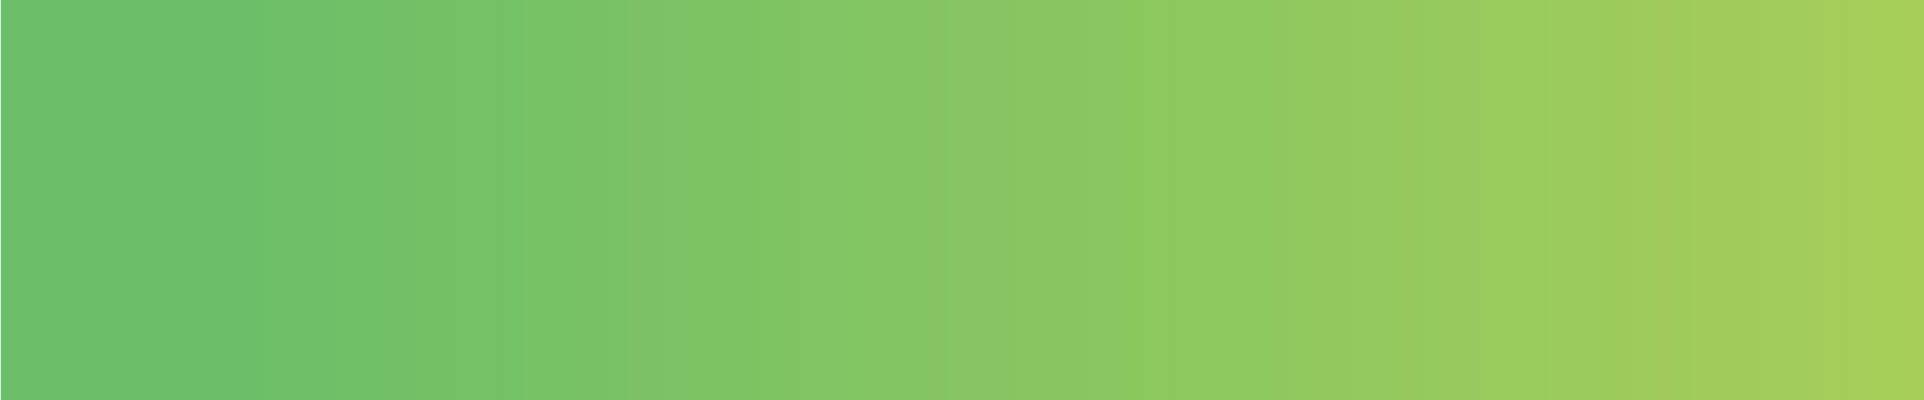 fondo-informatica-verde